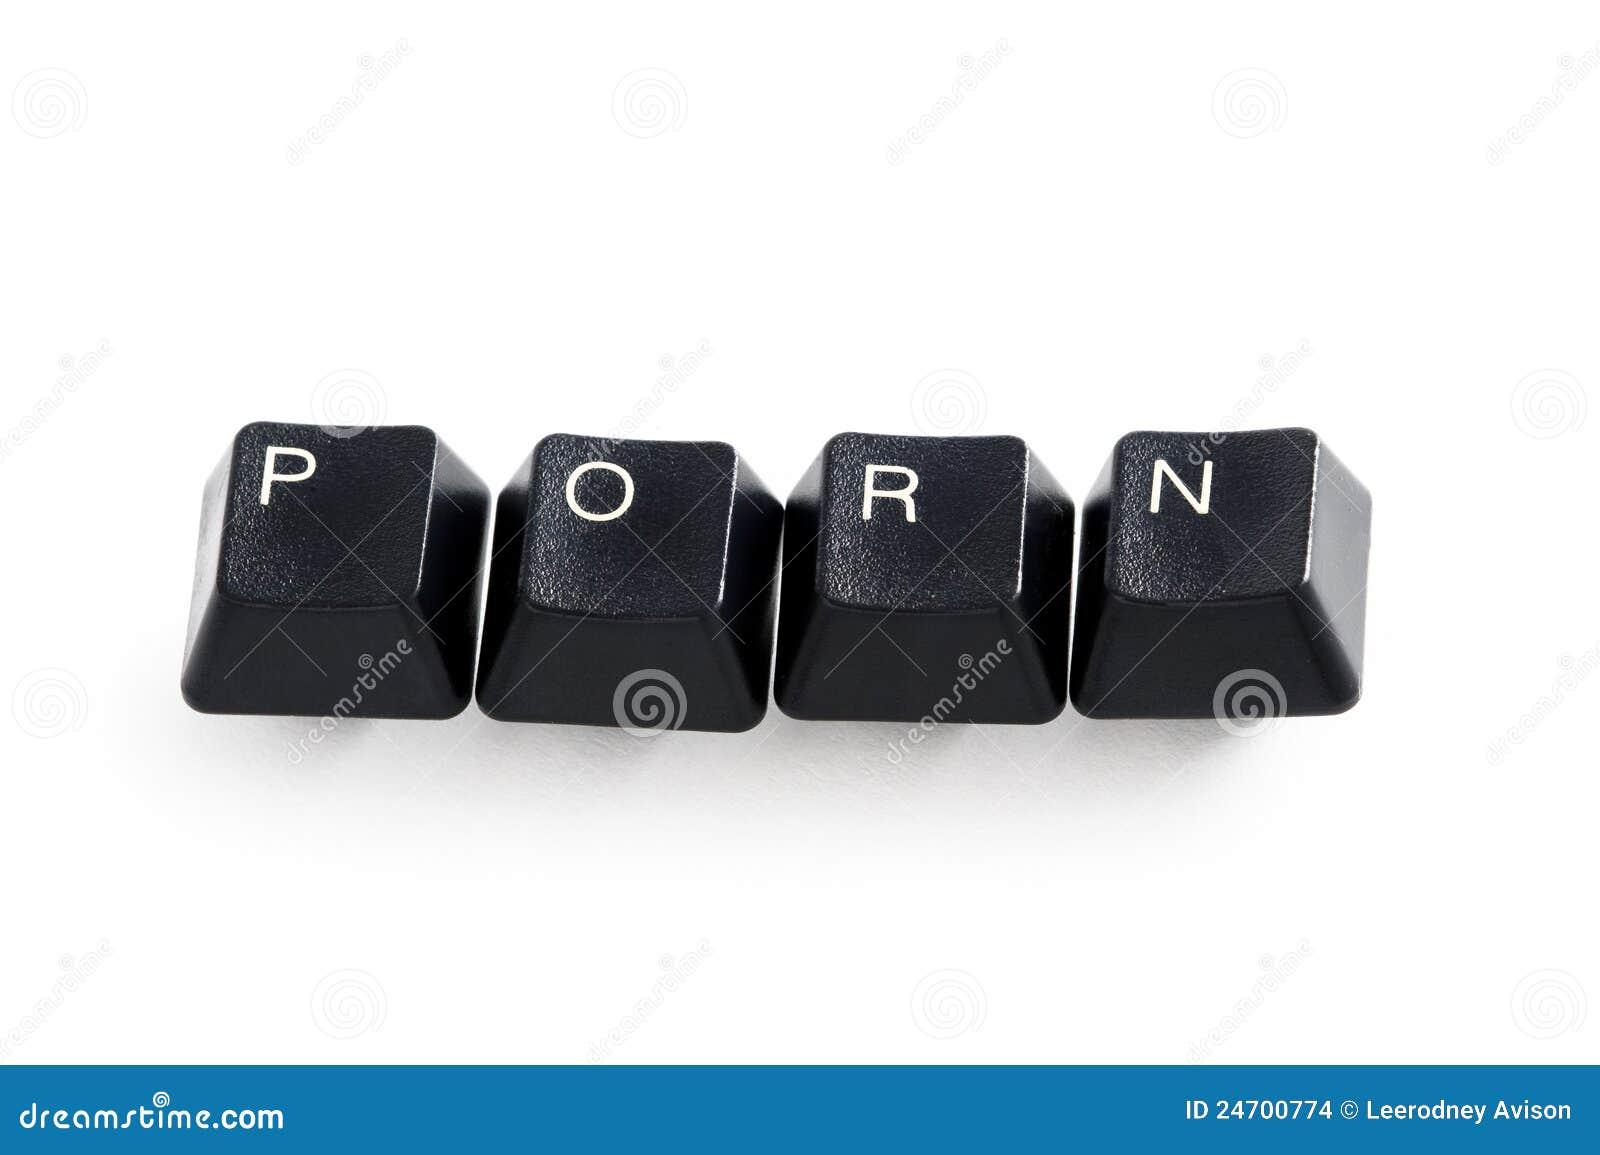 porno gangbang sexkino düsseldorf